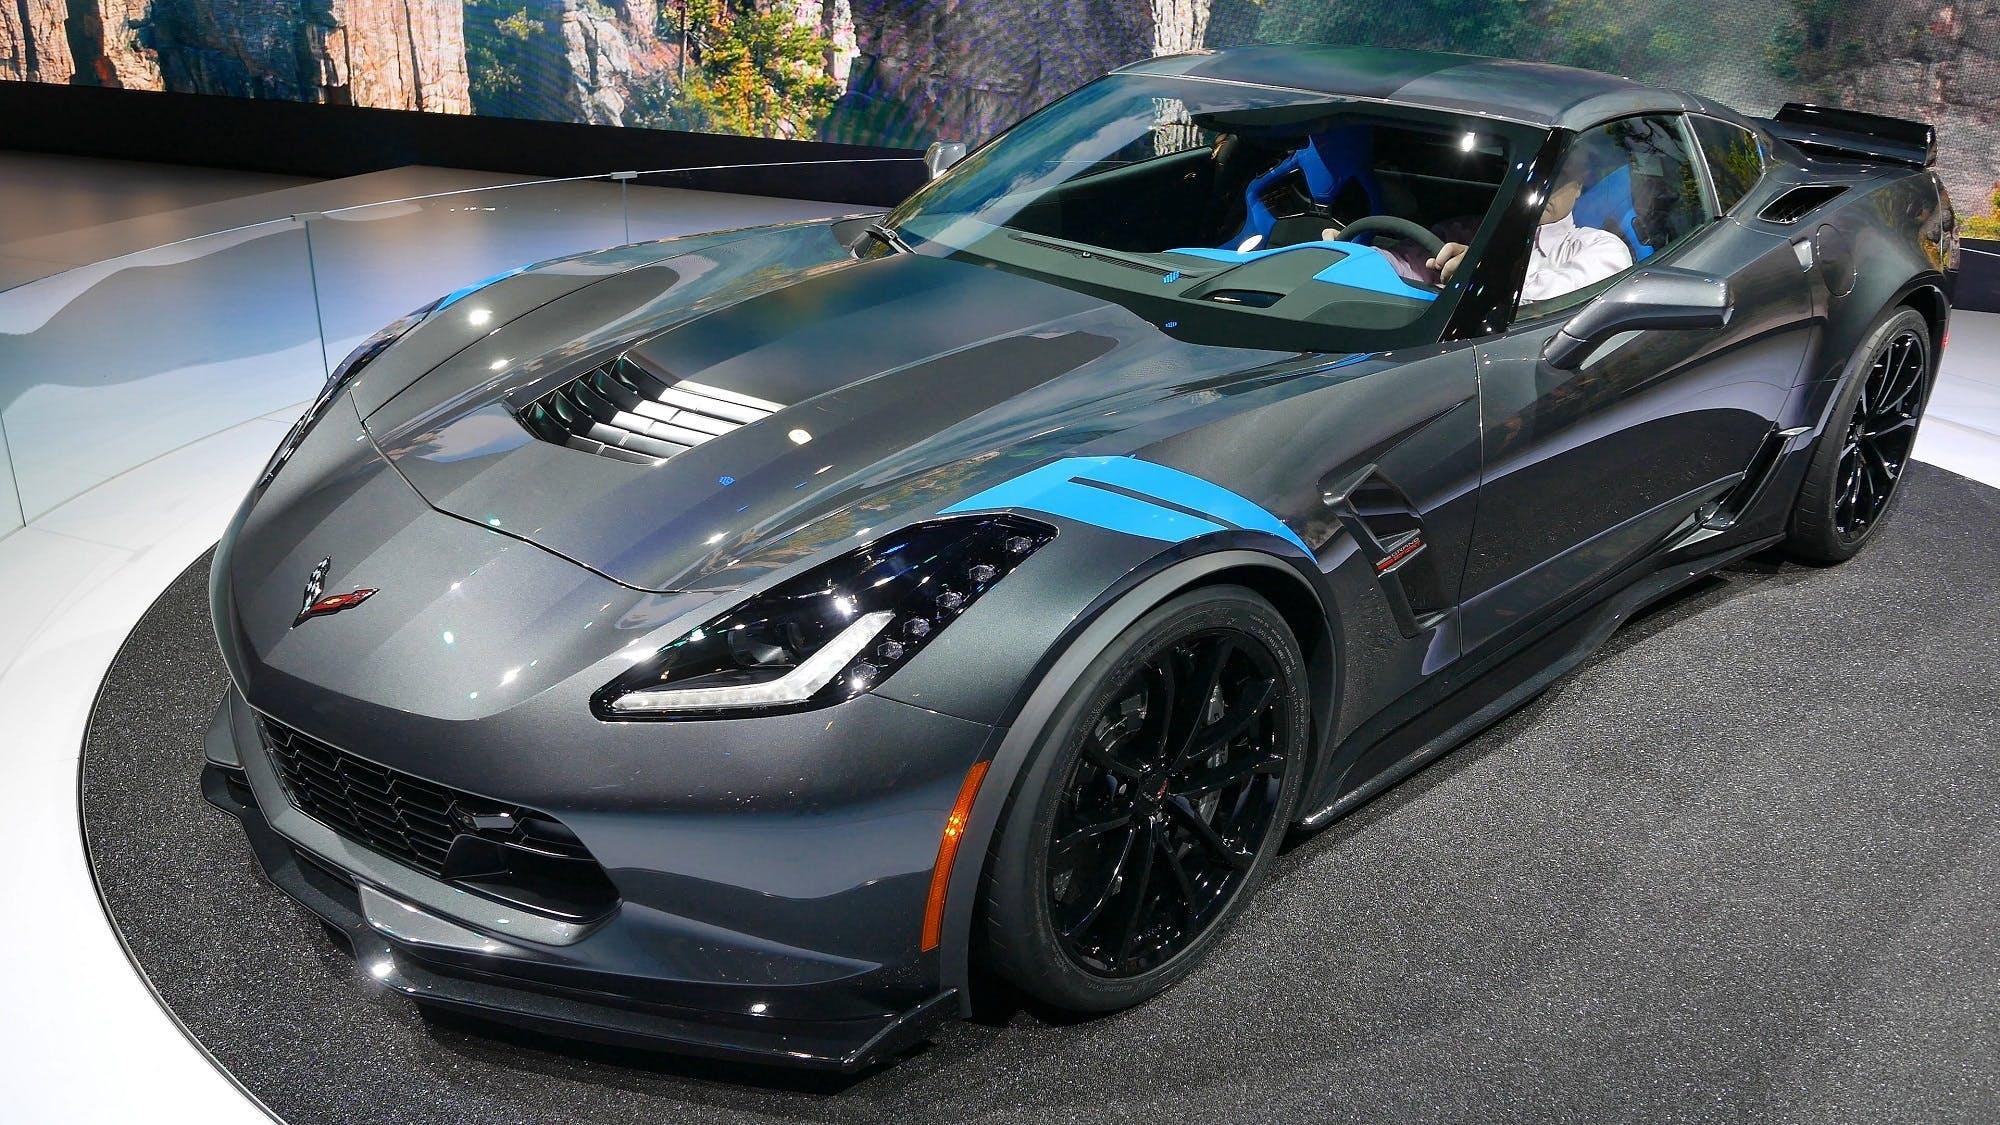 Black Chevrolet Corvette